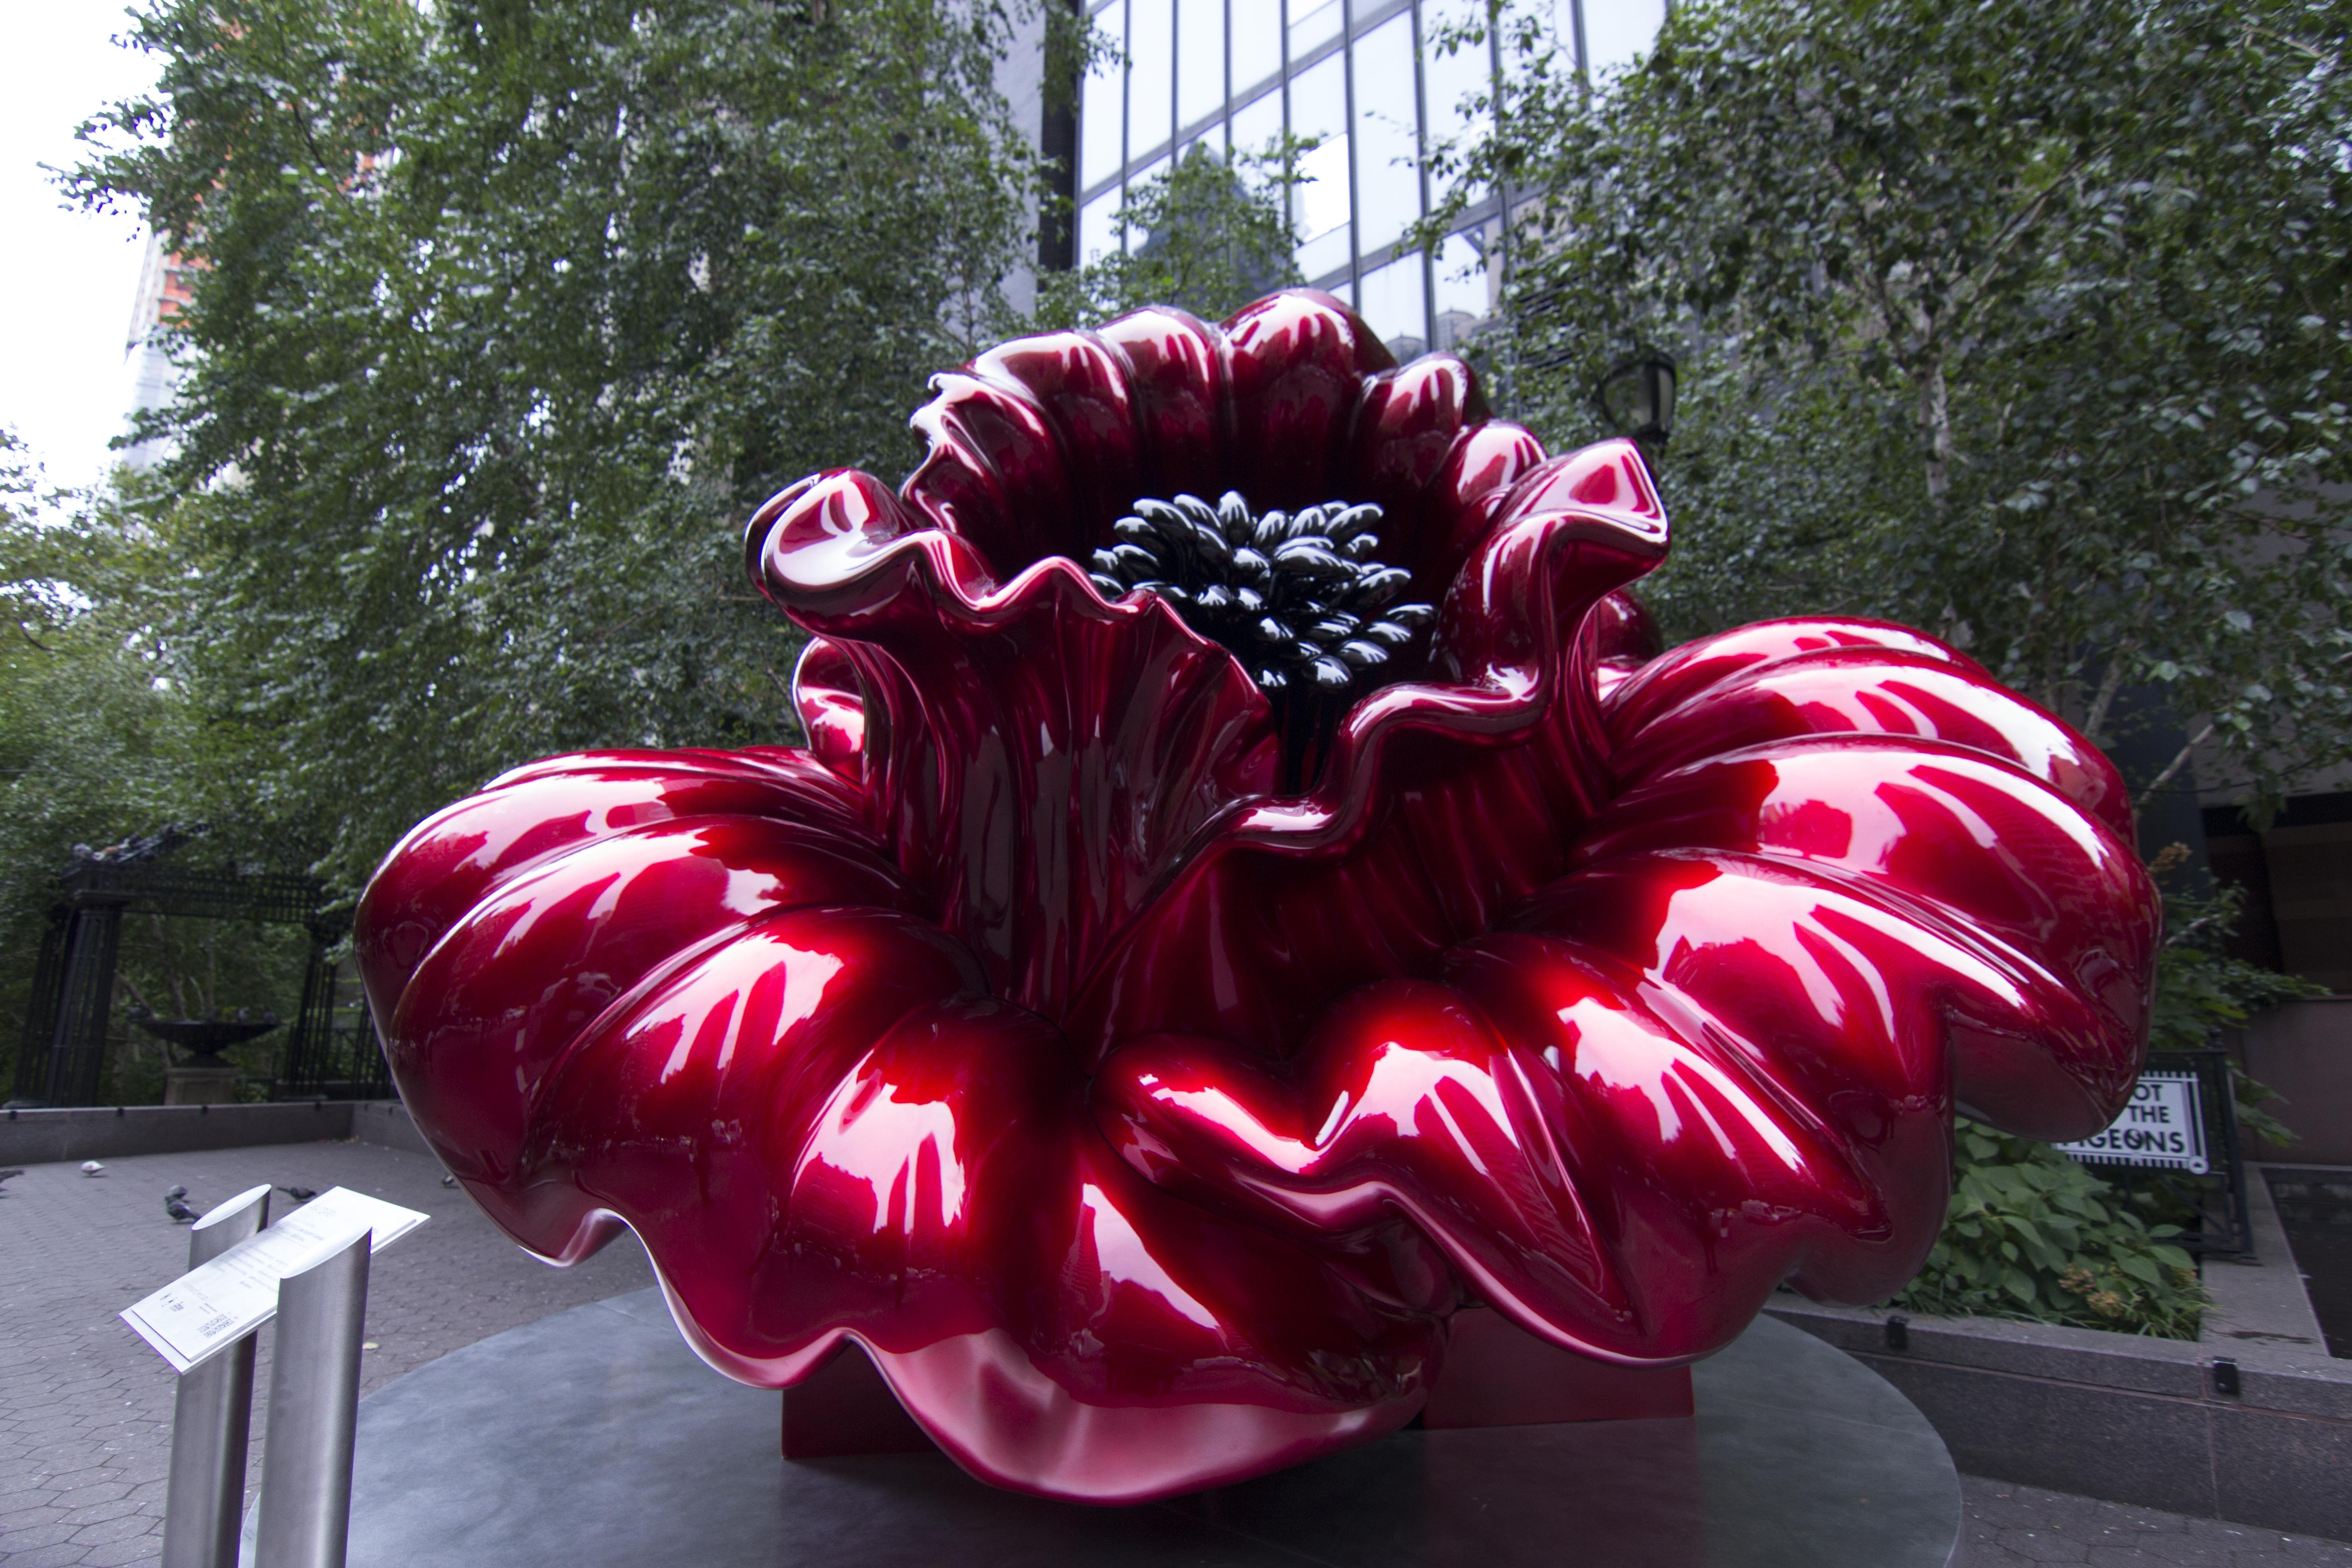 Ana Tzarev Love Installed In Dag Hammarskjold Plaza New York City